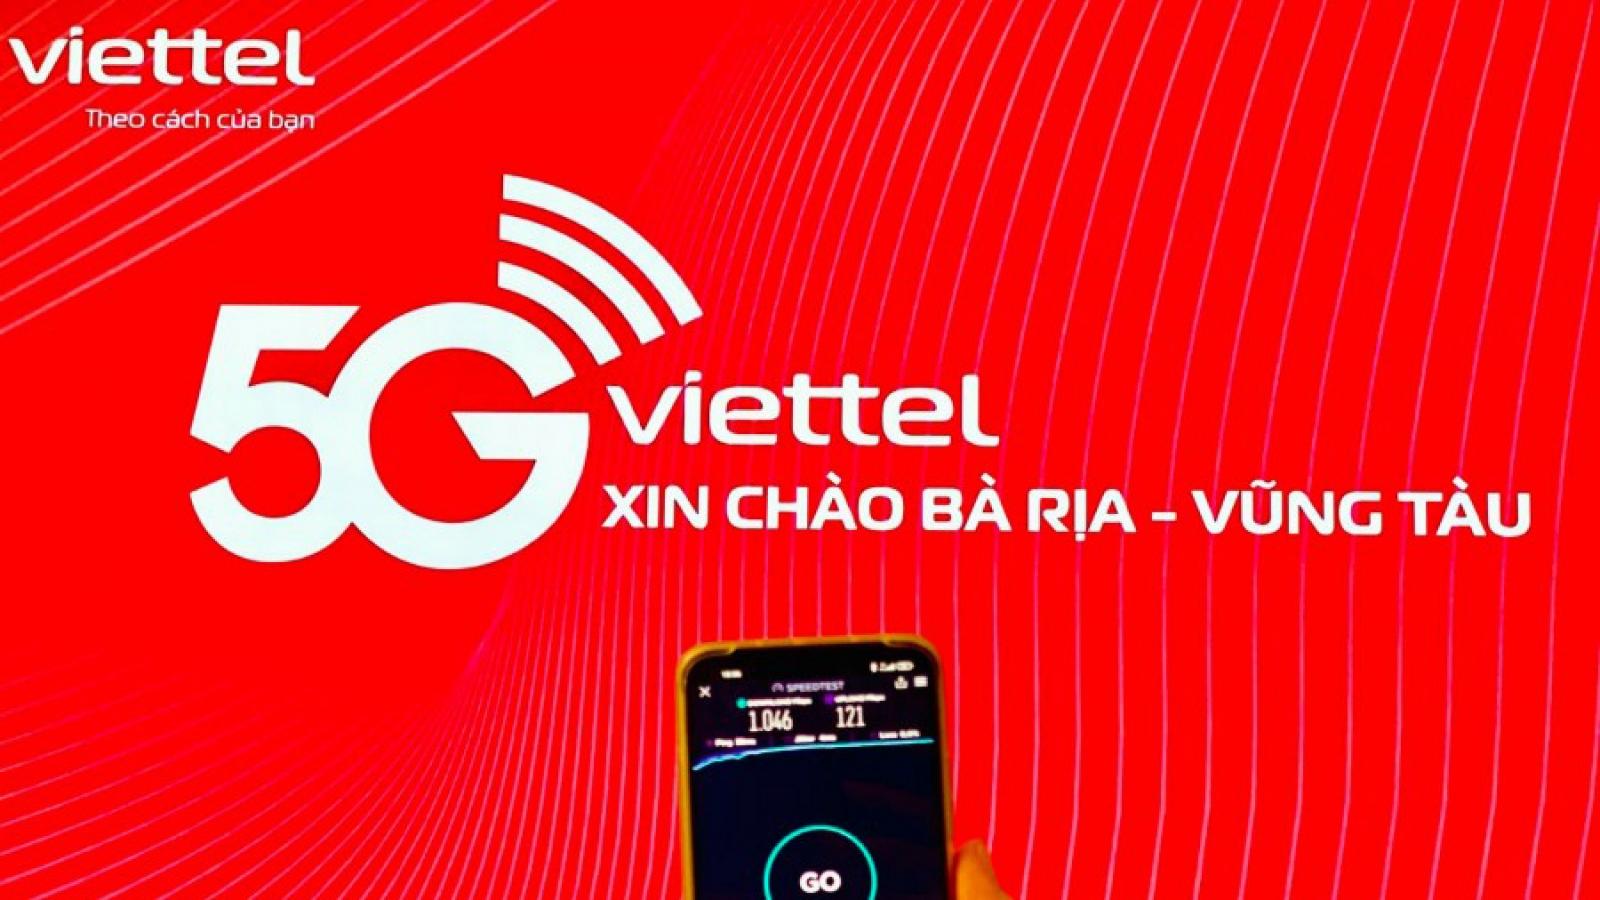 Viettel chính thức khai trương mạng 5G tại tỉnh Bà Rịa-Vũng Tàu